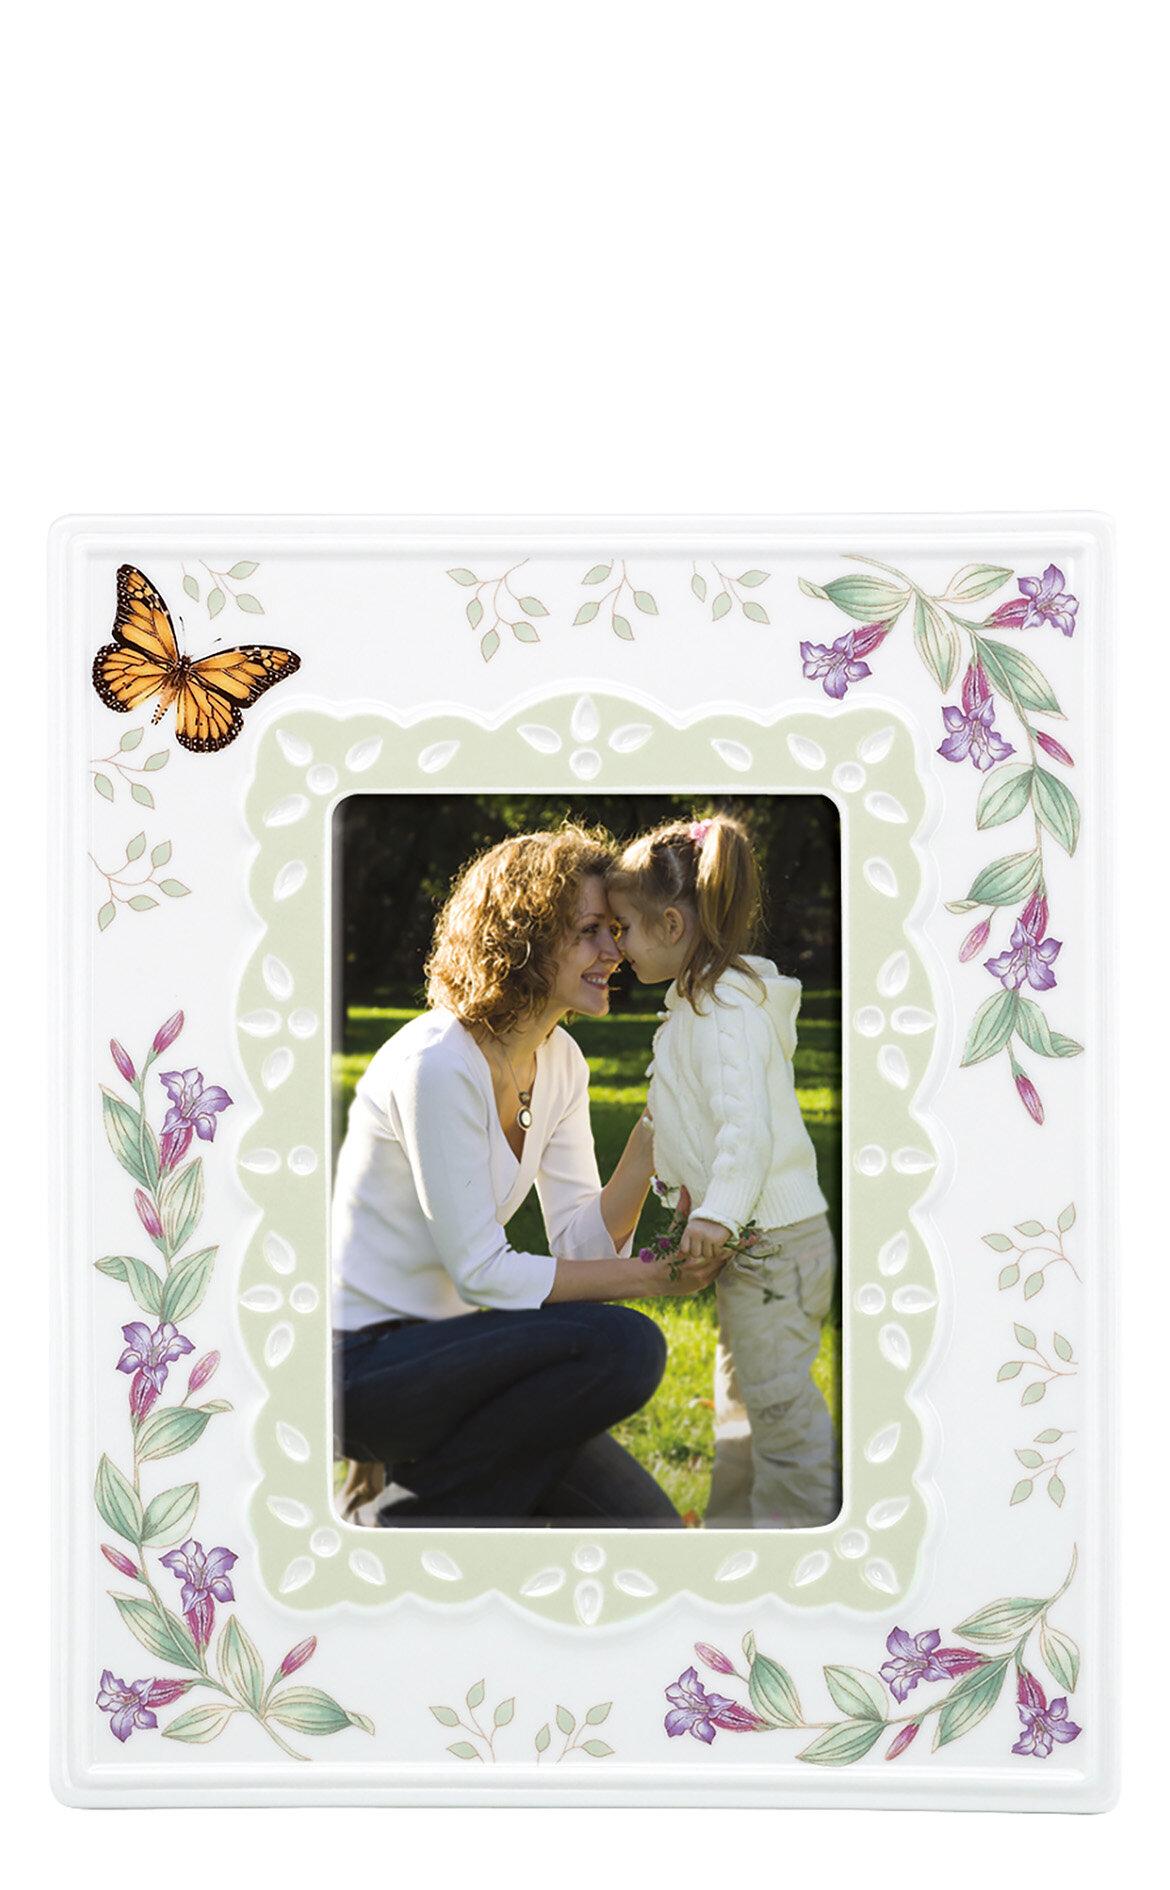 Lenox Butterfly Mea Çerçeve - 13x18 cm